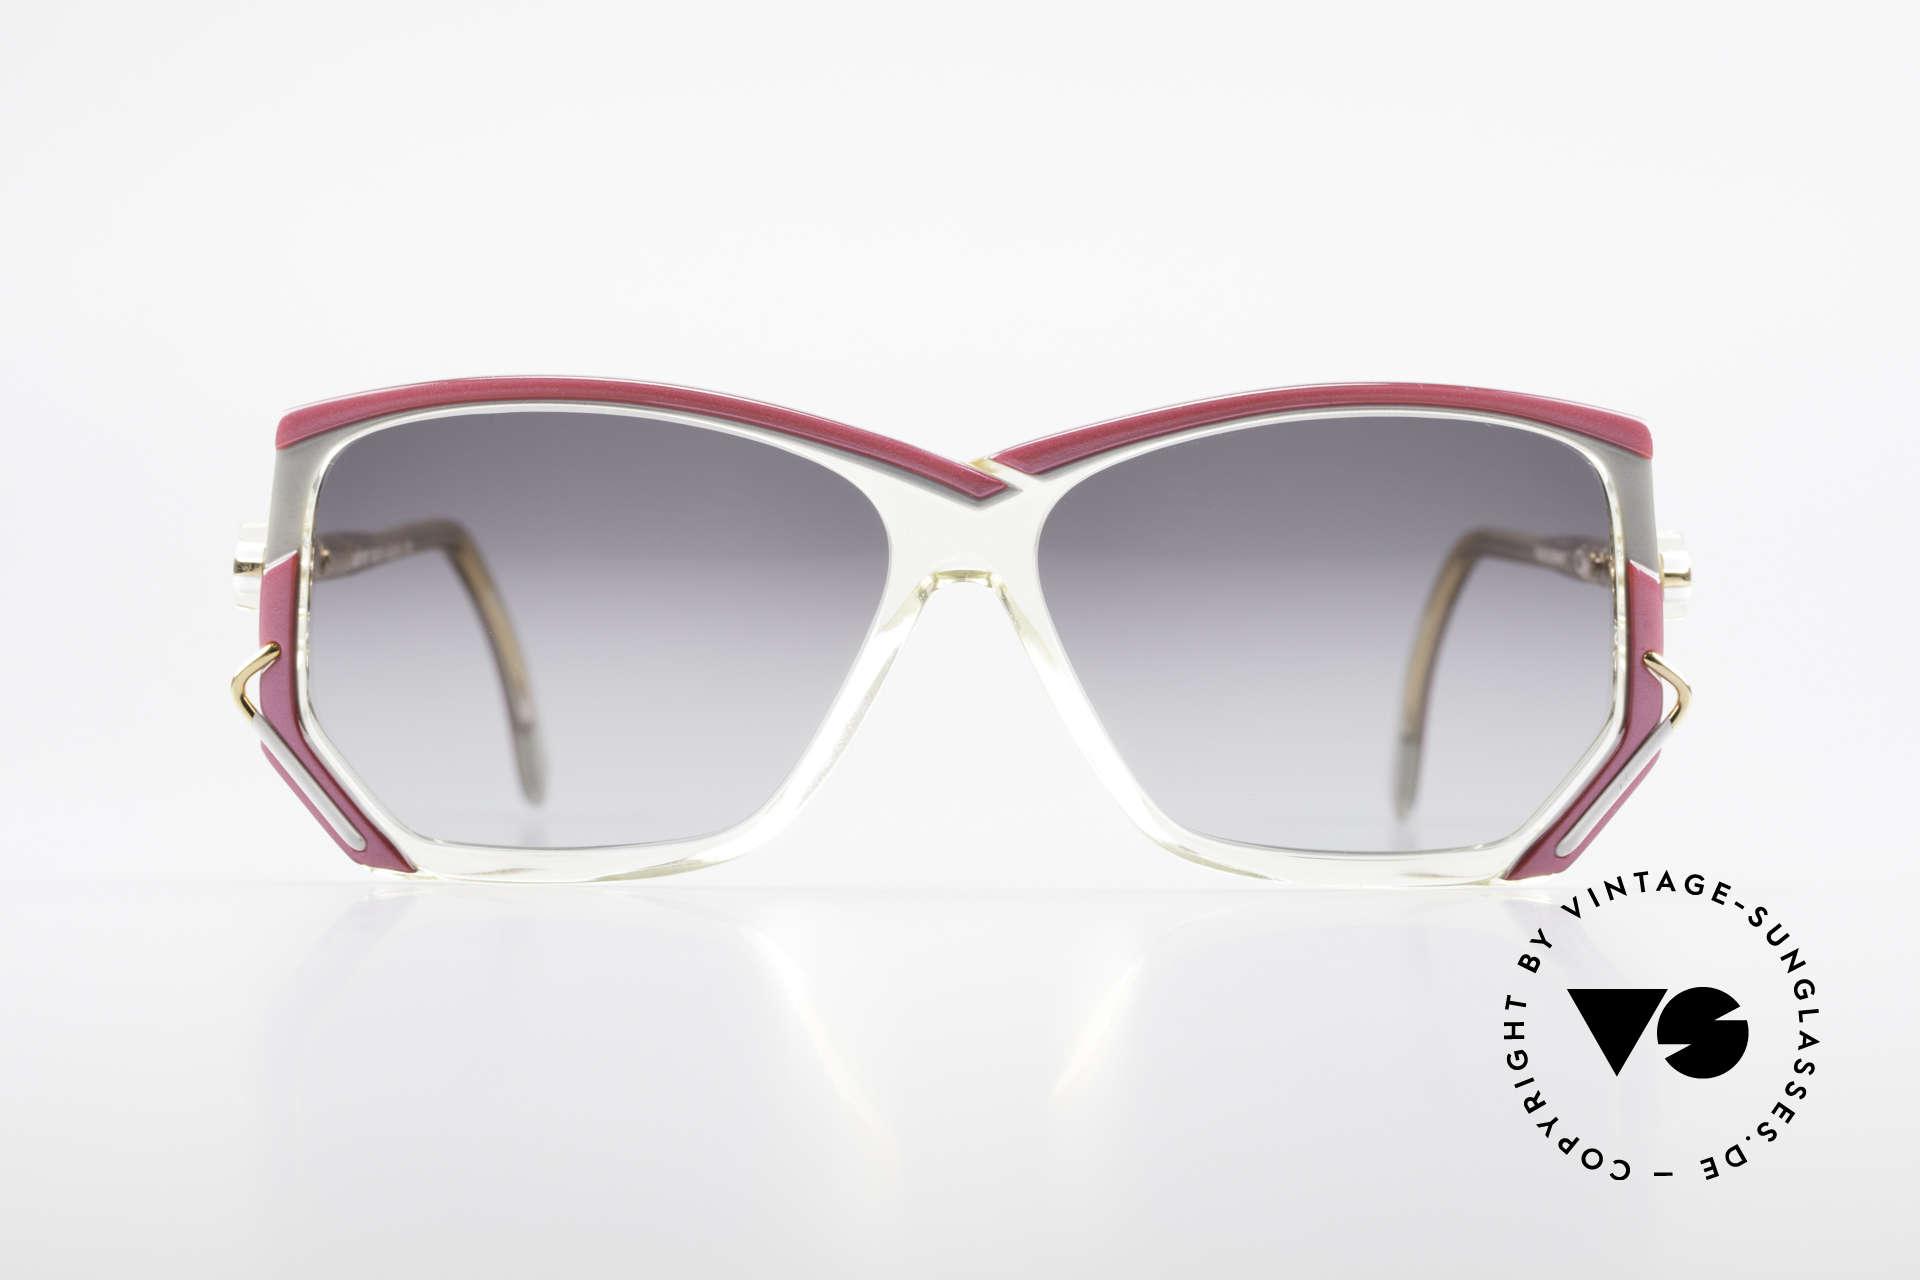 Cazal 197 80er Vintage Sonnenbrille, transparenter Rahmen mit tollen Farbkompositionen, Passend für Damen